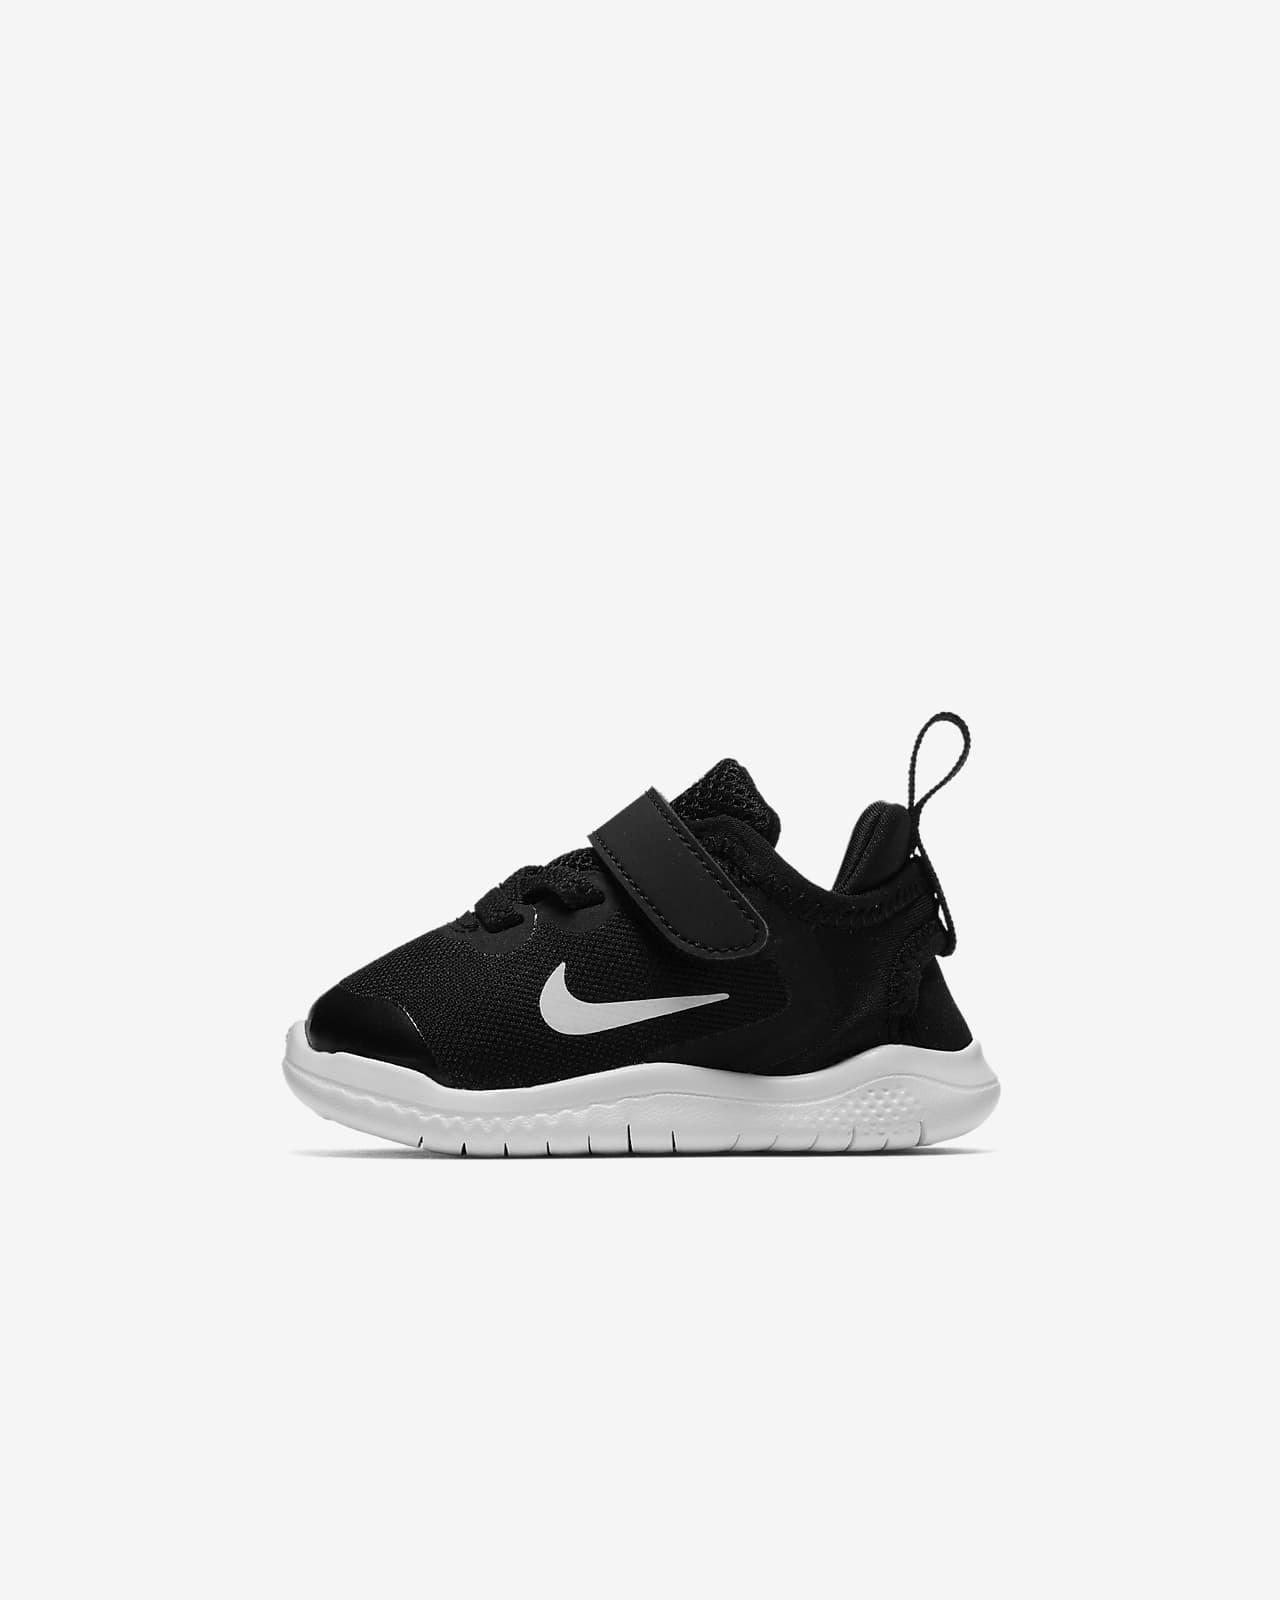 Nike Free RN 2018 Infant/Toddler Shoe